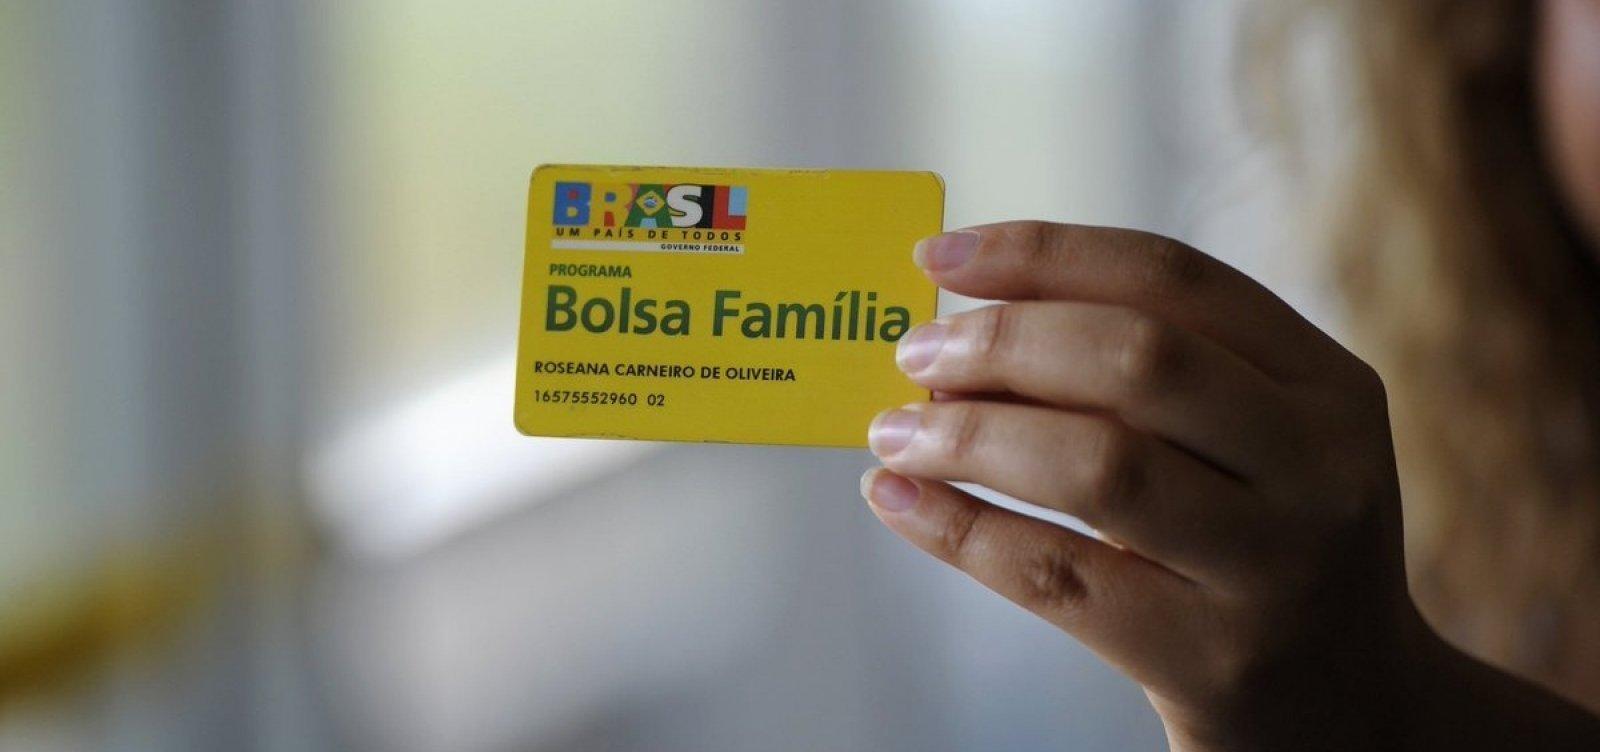 [Líder do governo defende ampliar Bolsa Família para substituir auxílio]